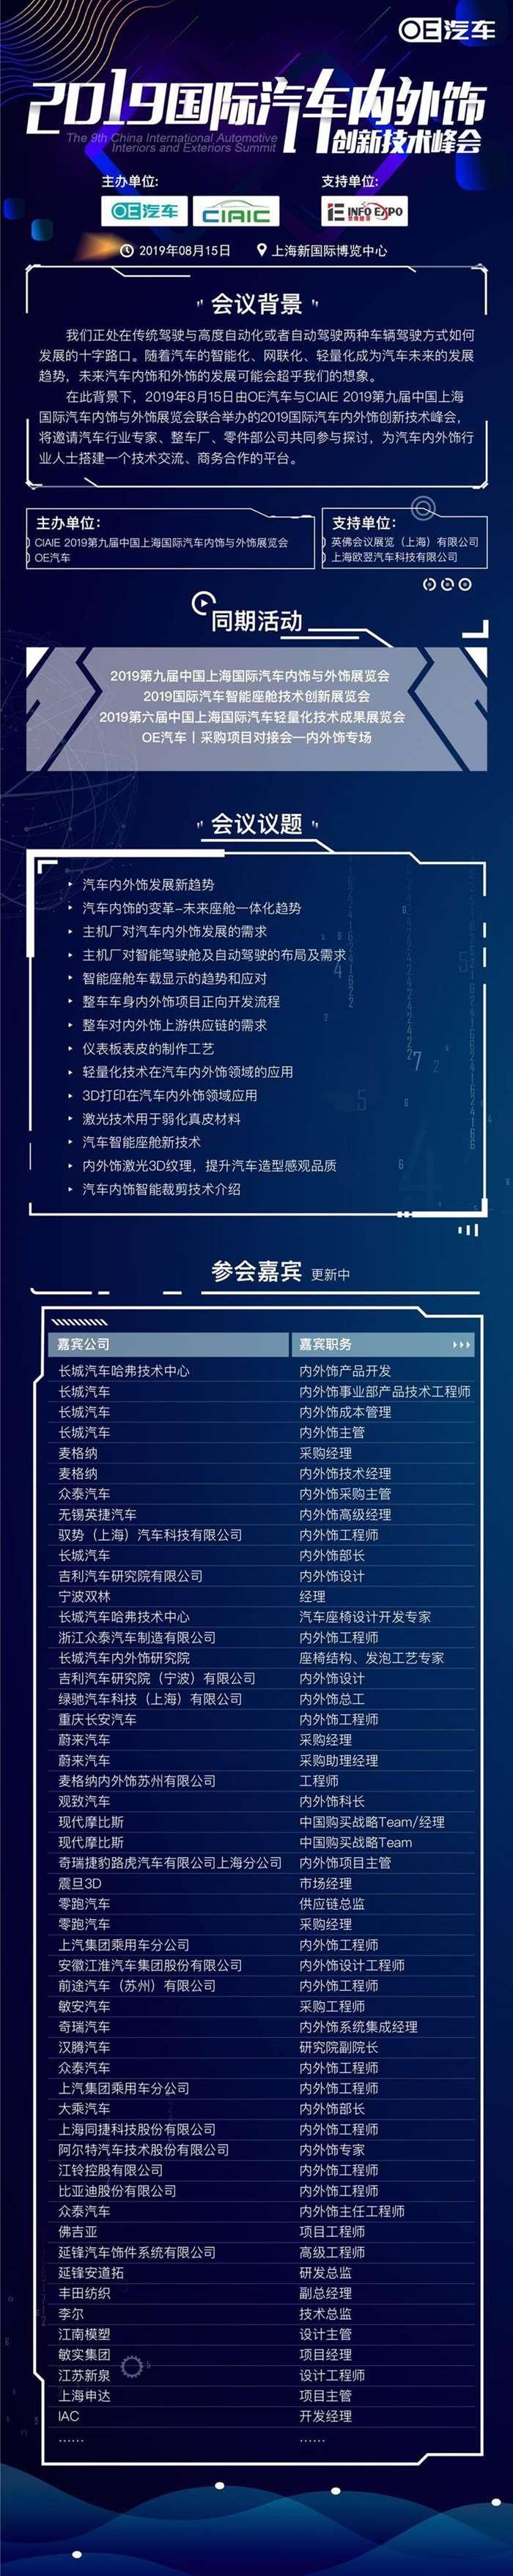 2019国际汽车内外饰创新技术峰会.jpg